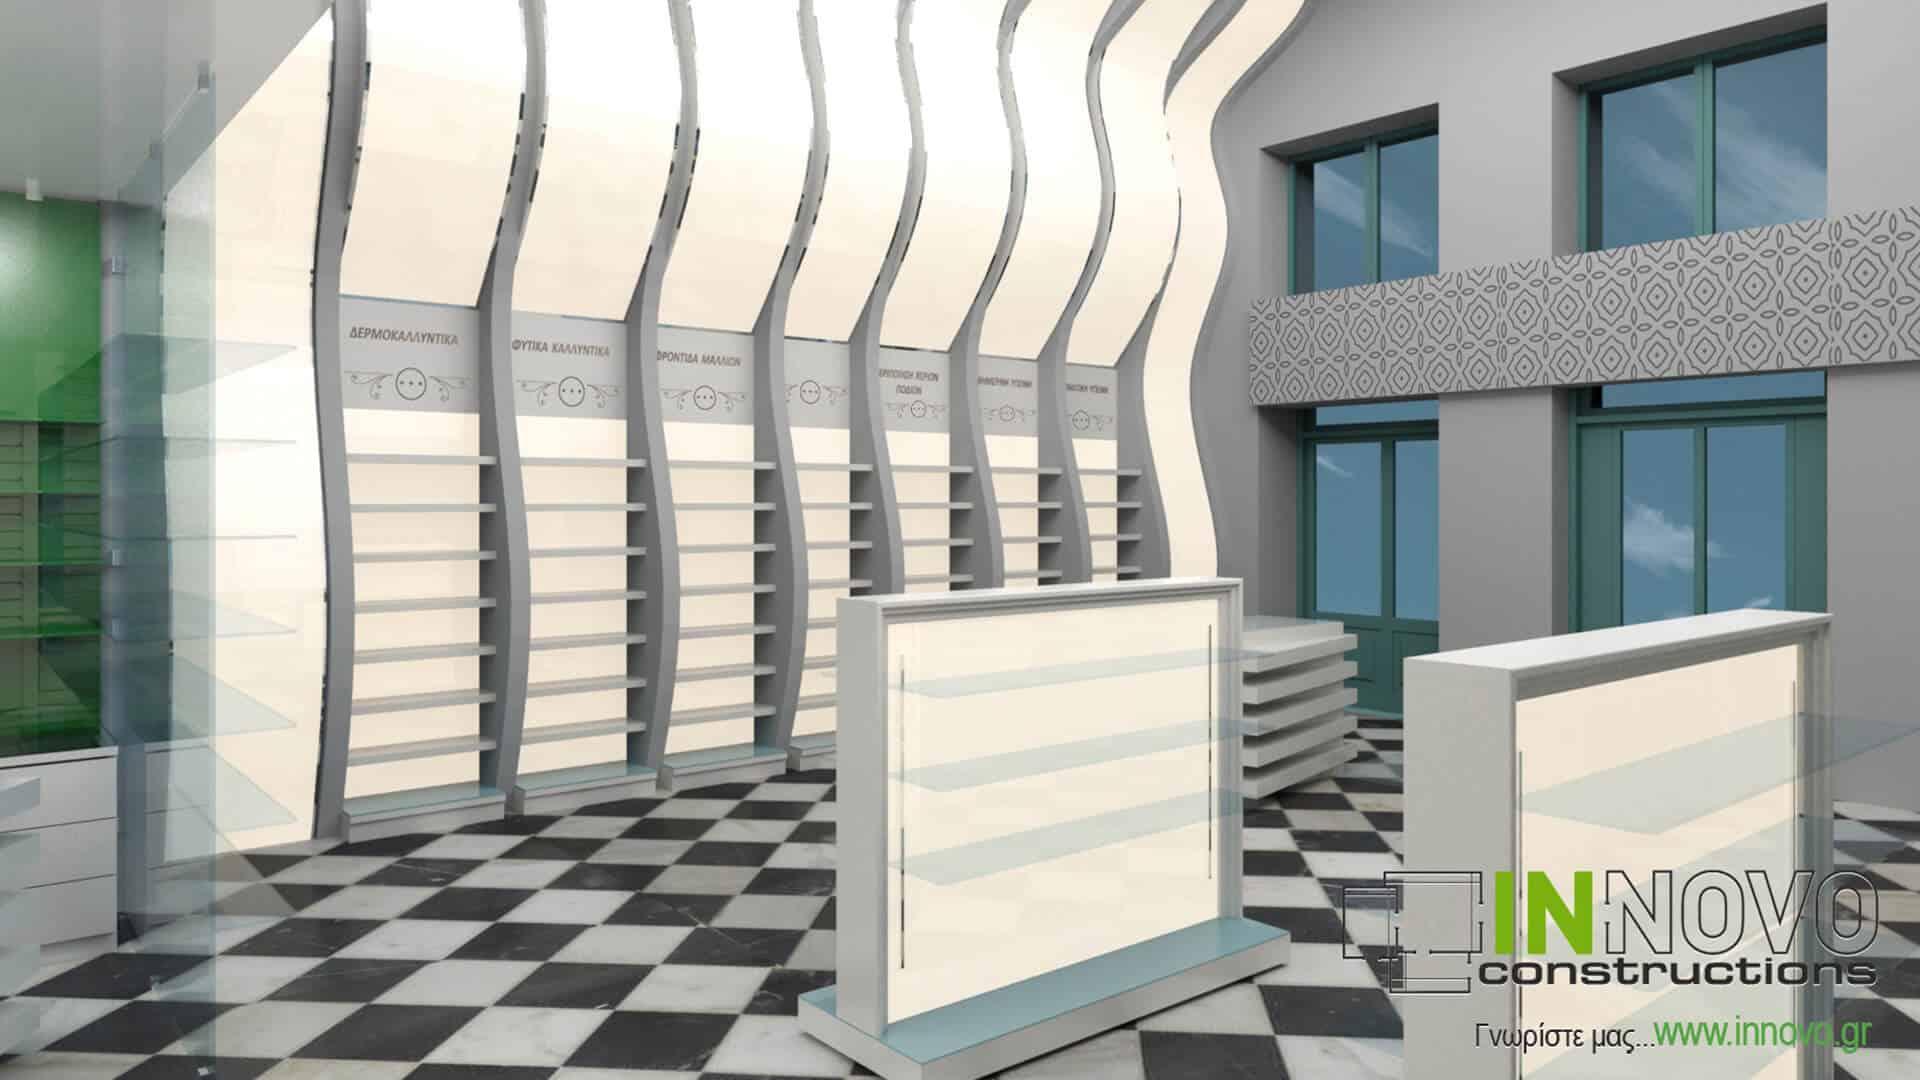 Από την Constructions, σχεδιασμός εξοπλισμού φαρμακείου στον Πειραιά